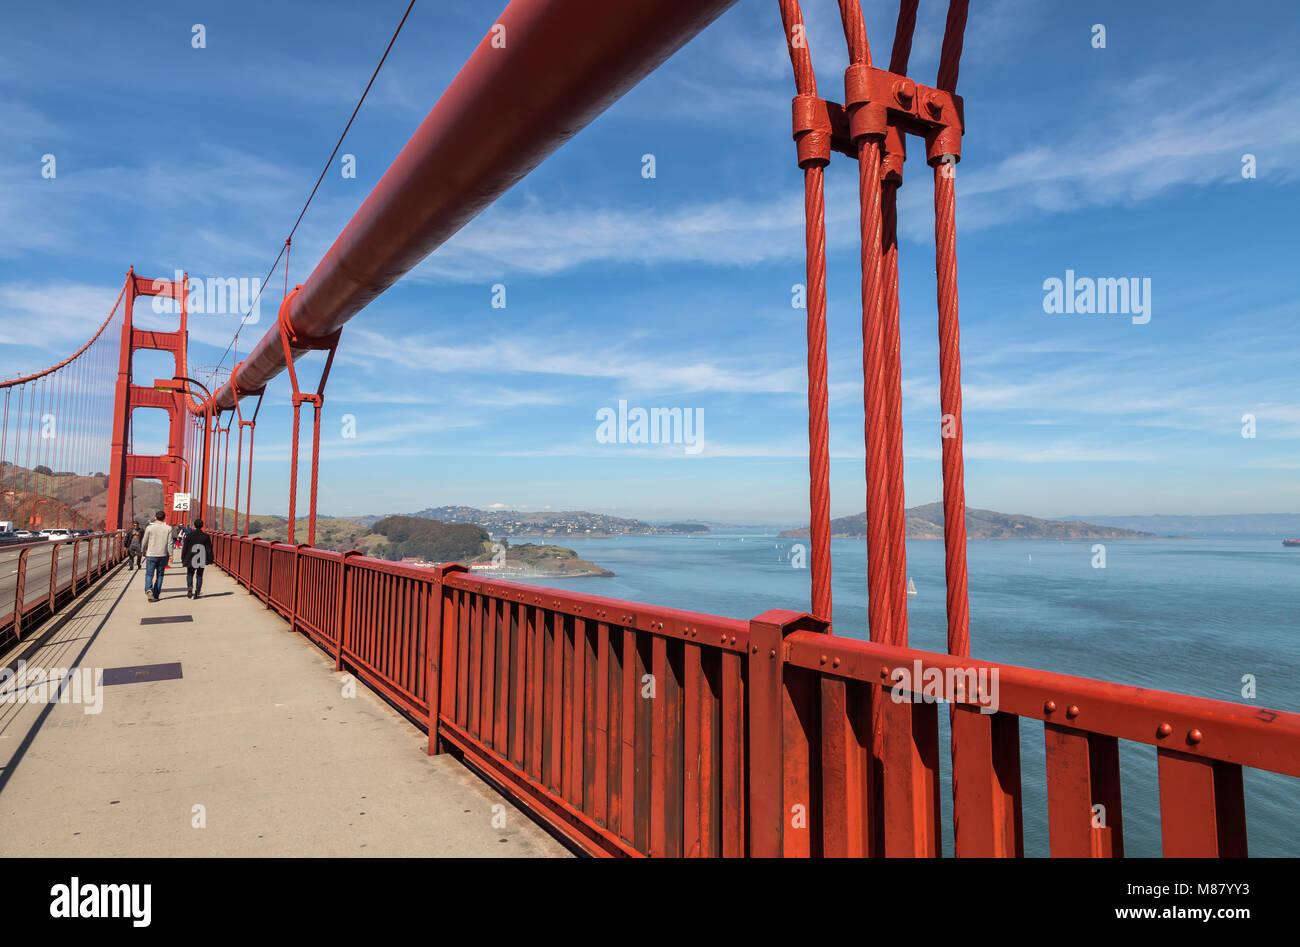 Puente Golden Gate y los peatones, con vistas a la bahía de San Francisco, California, Estados Unidos. Imagen De Stock